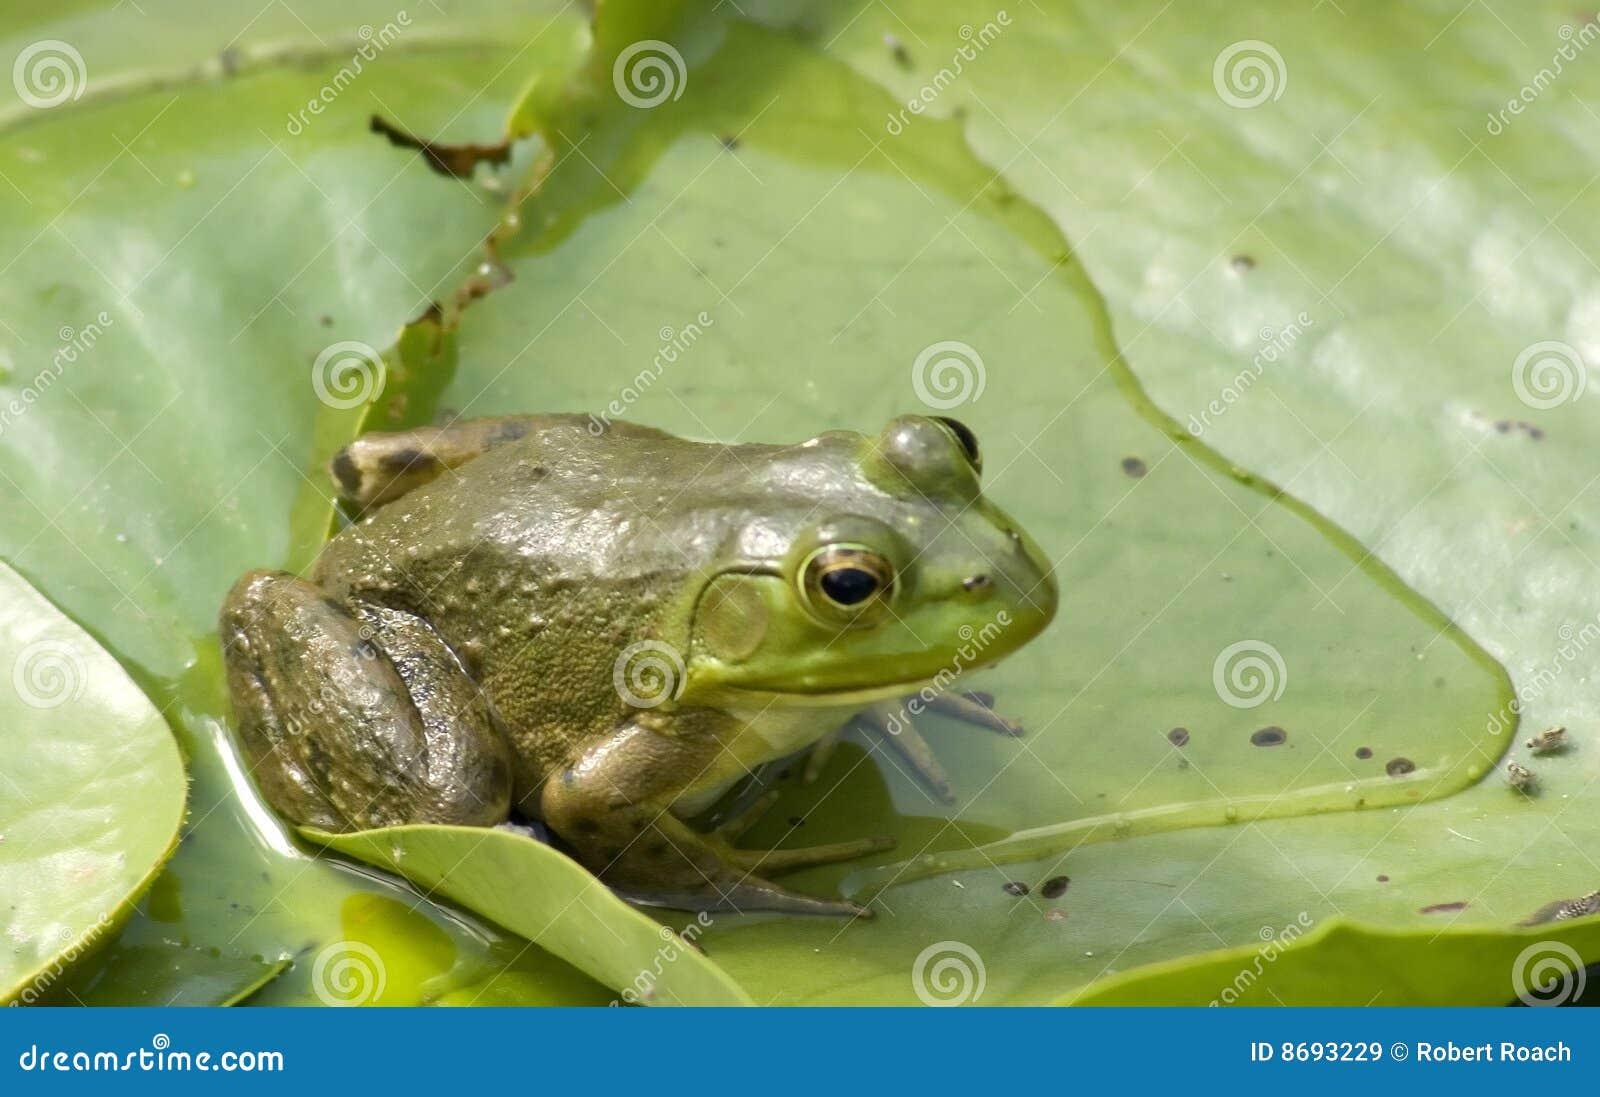 青蛙绿色触击